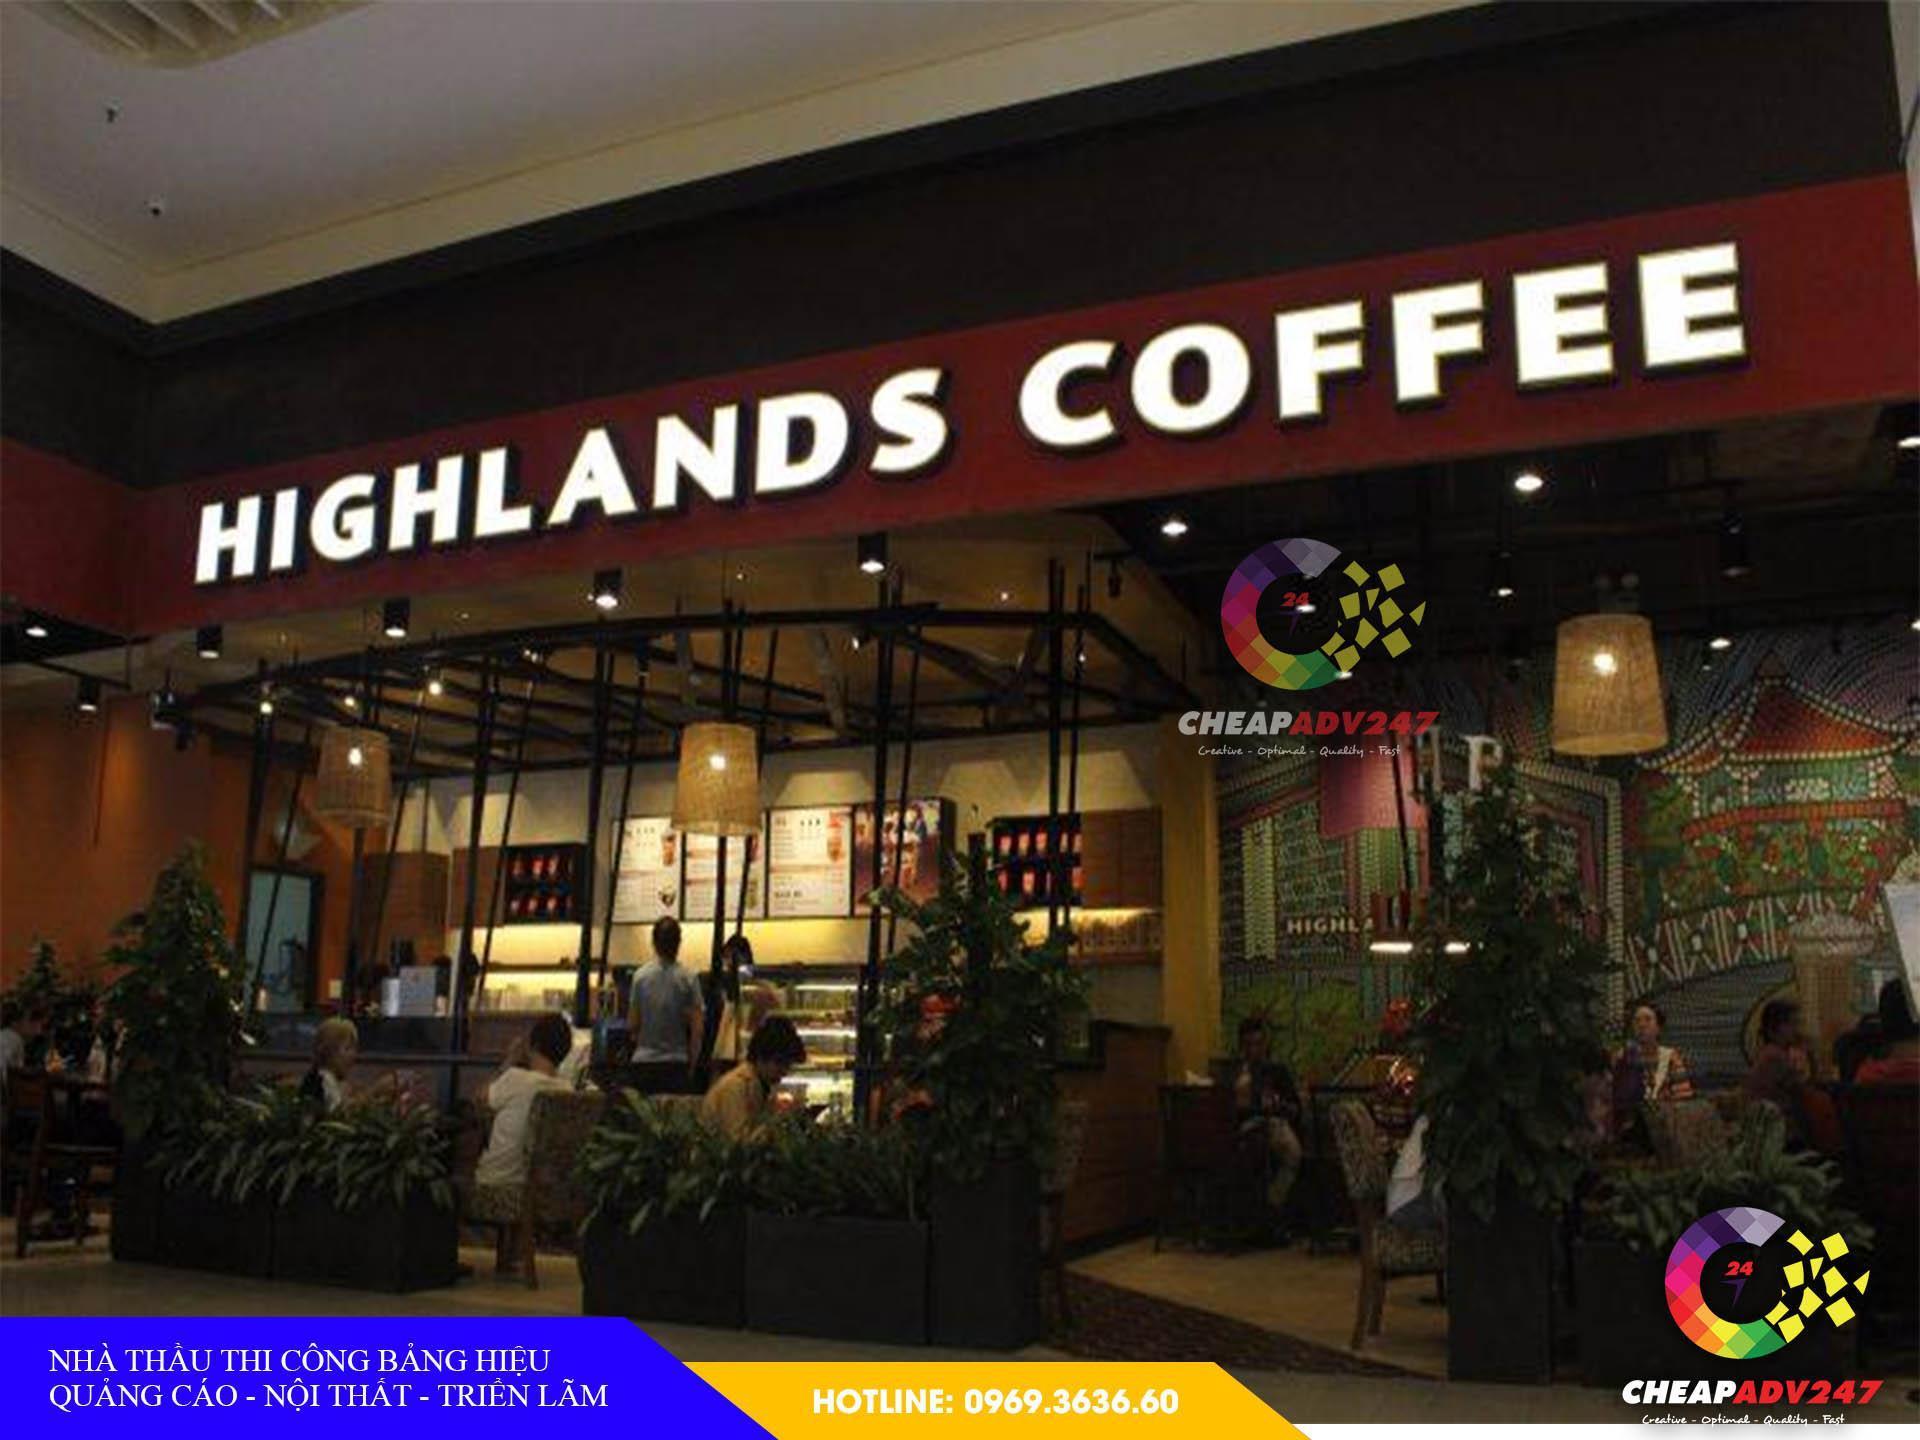 giá làm bảng hiệu quán cafe tại cheapadv247 - ảnh 4